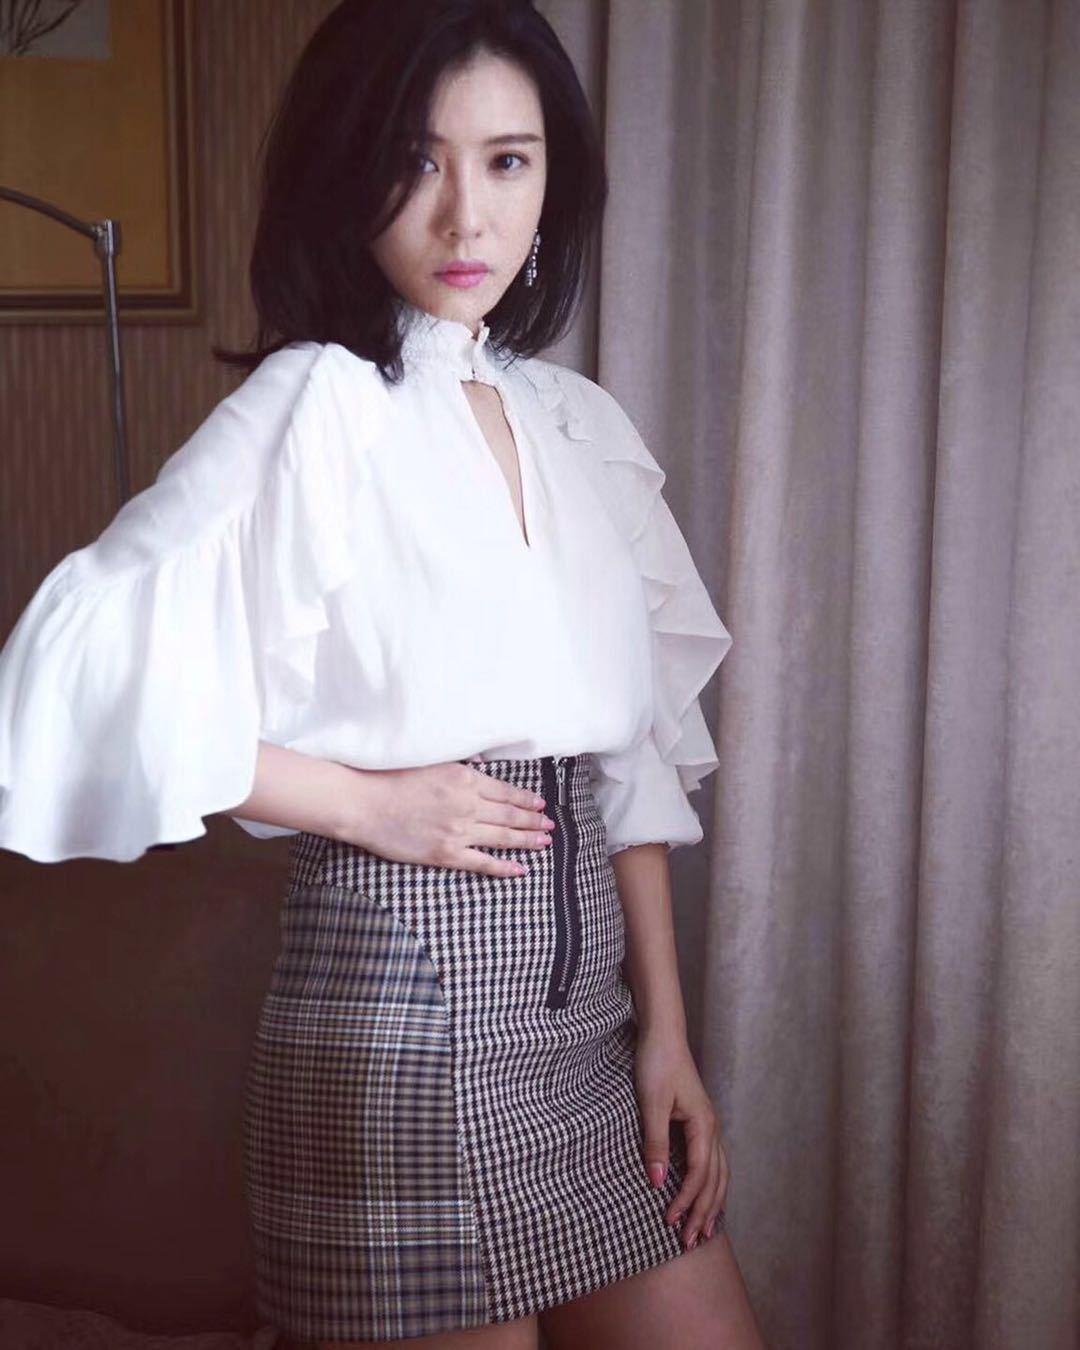 17 Court Wind Level Ganhe On The Edge Of The Leaf Clothing Shirt Shiyu Fei Style 7133